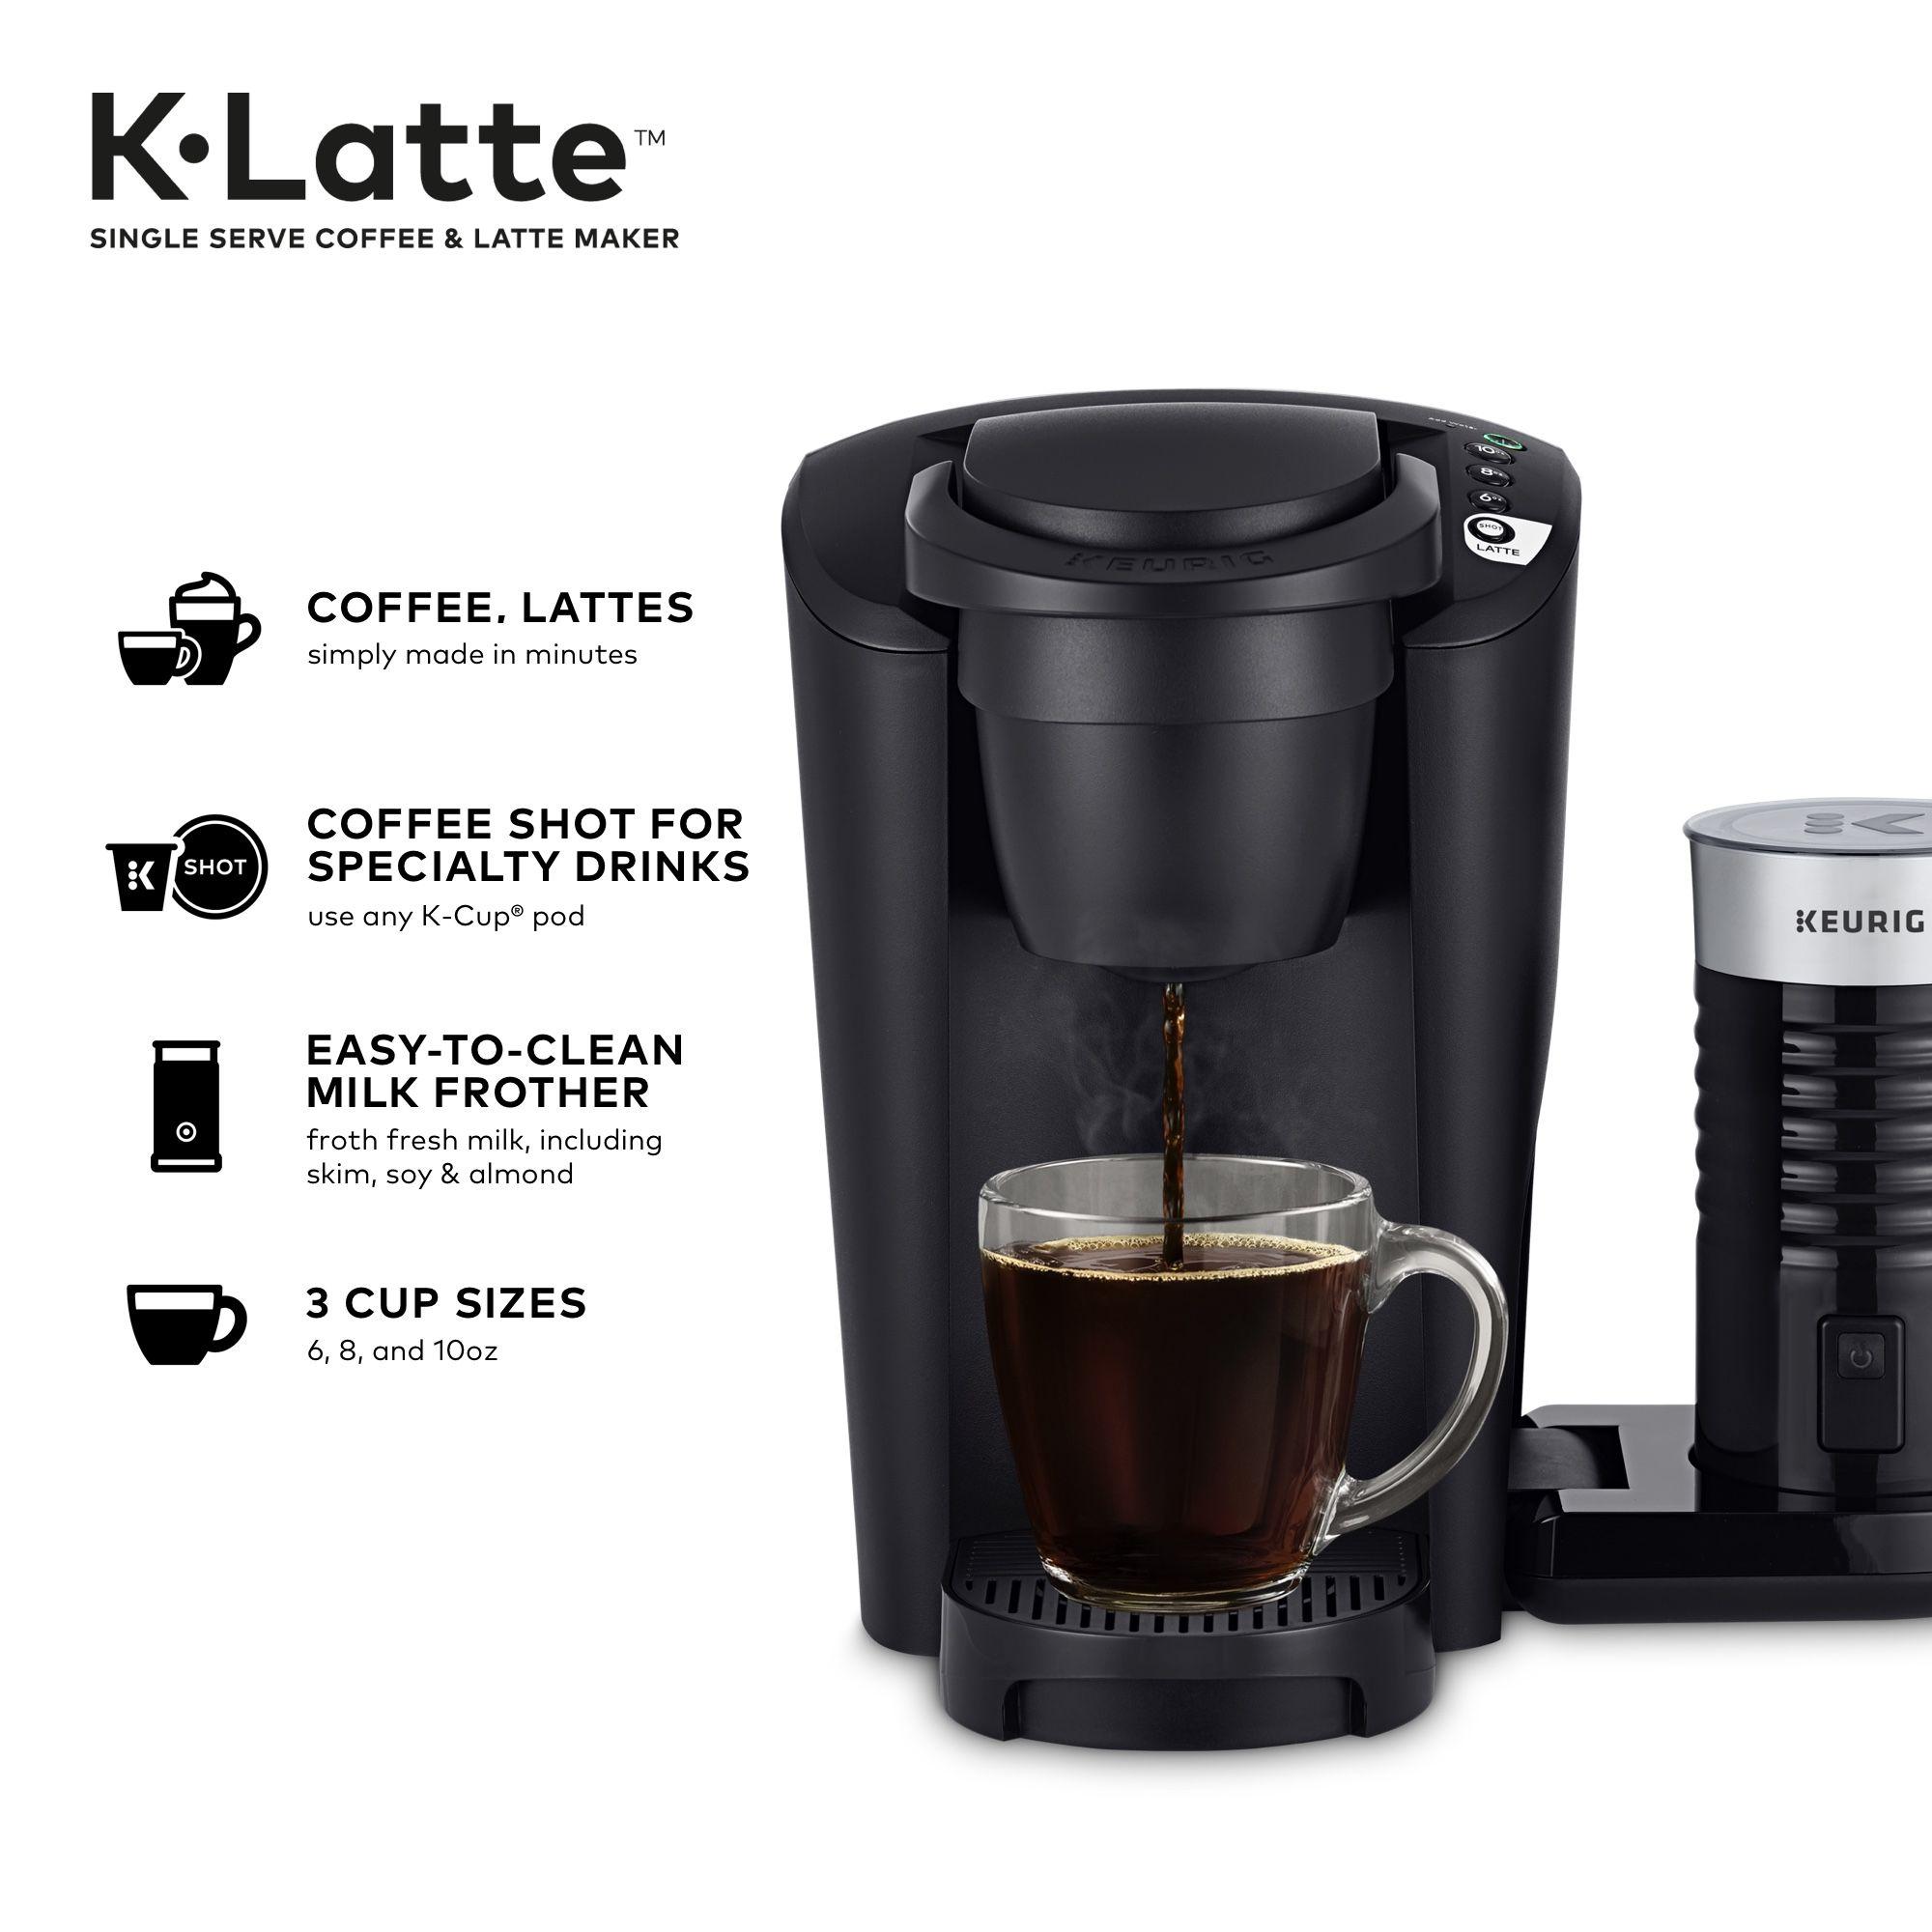 Keurig KLatte Coffee Maker with Milk Frother, Compatible